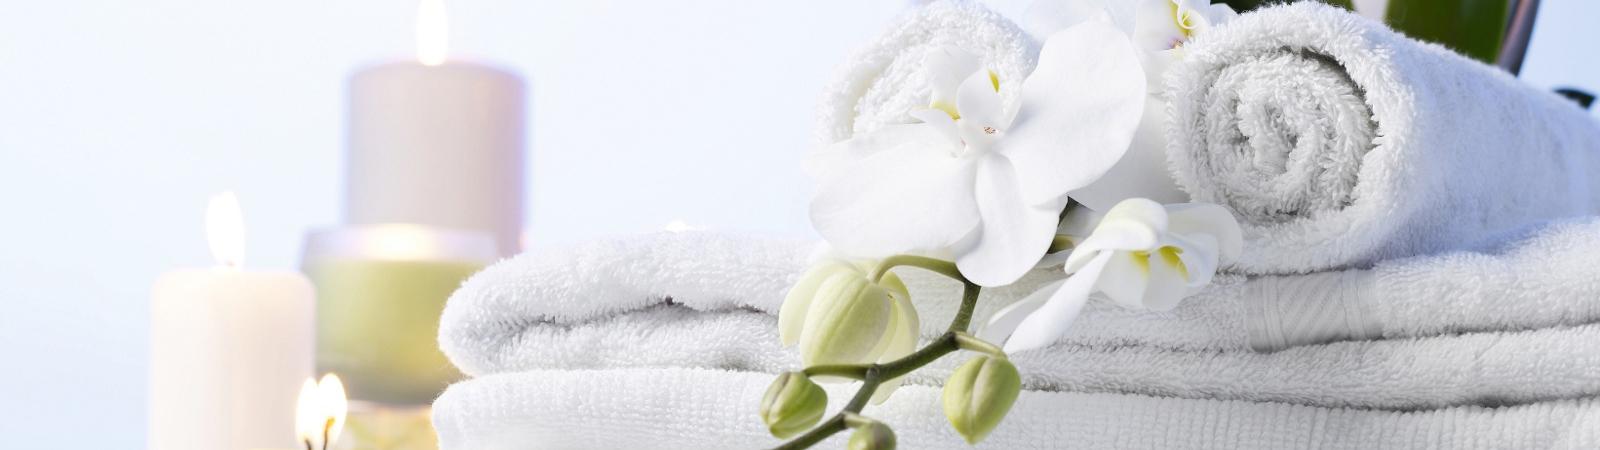 Beauty Care Anique